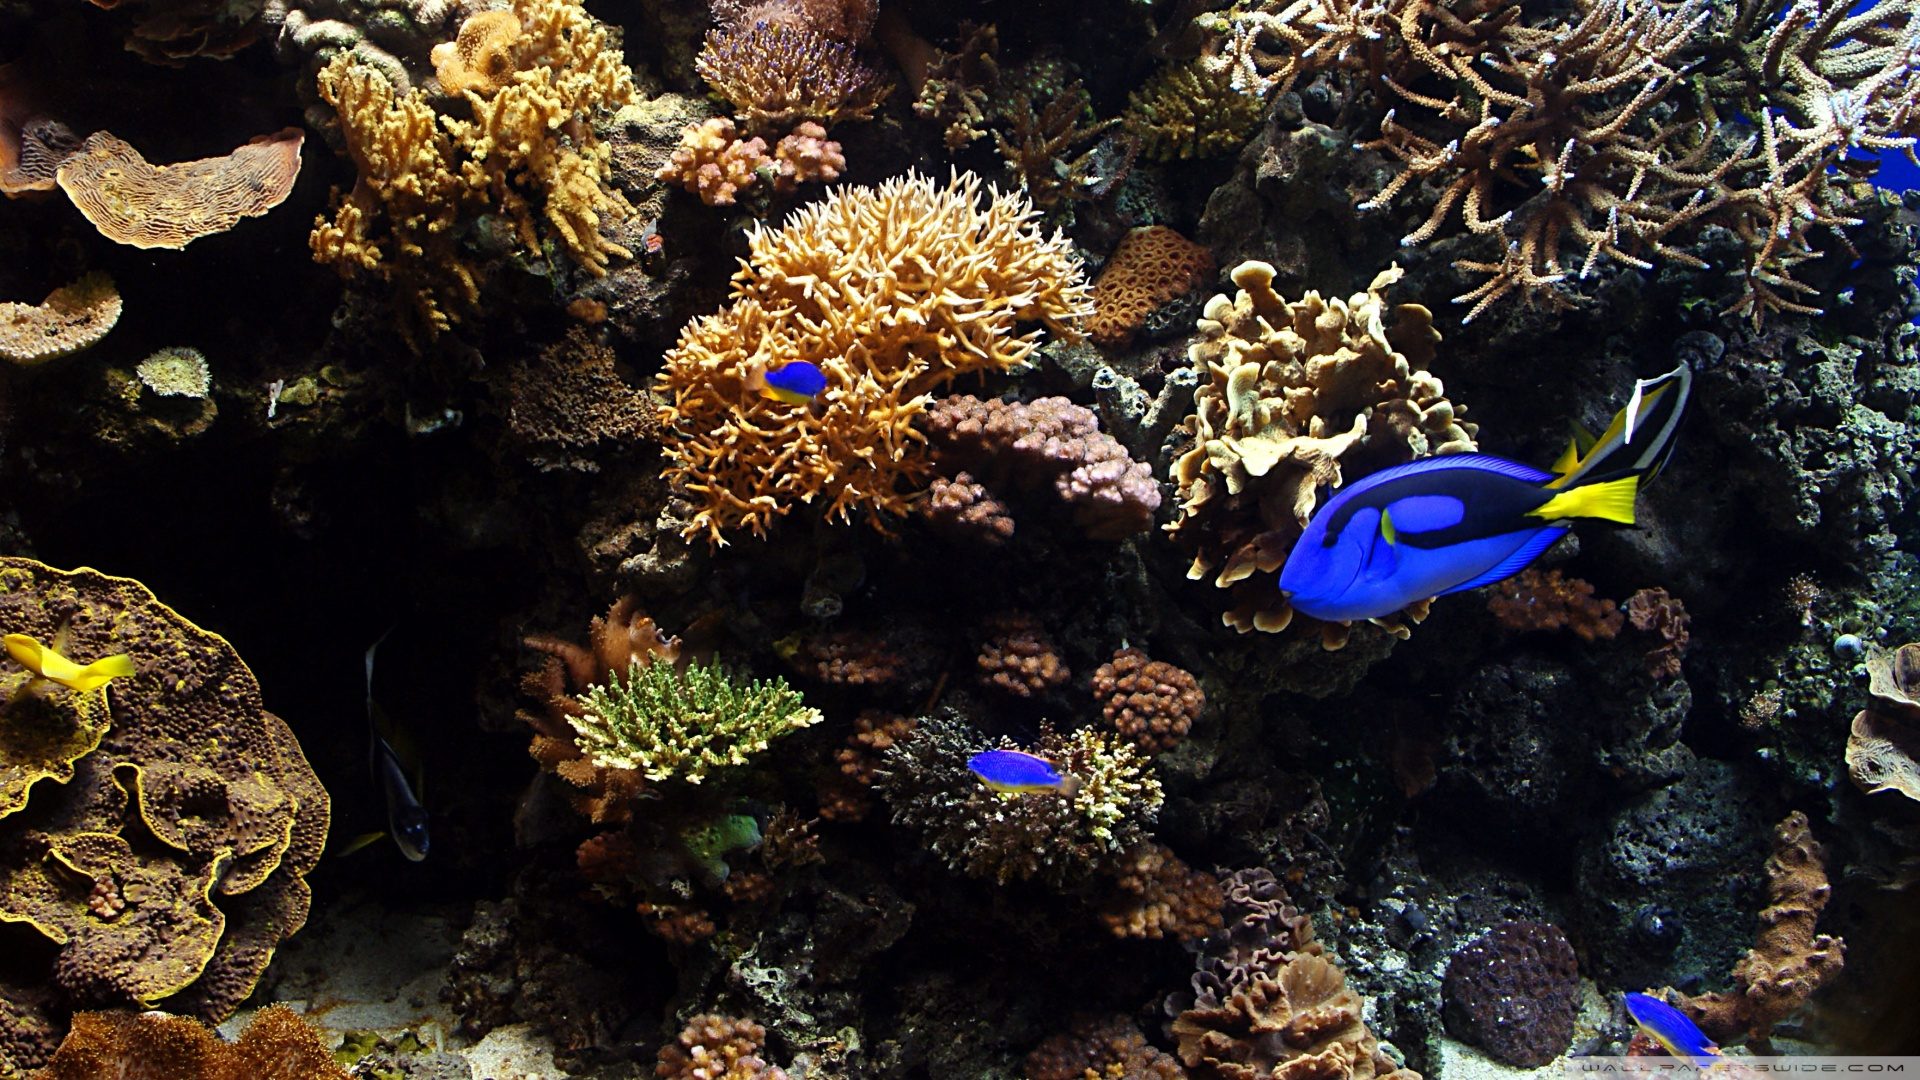 Aquarium-HD-wallpaper-wp5803599